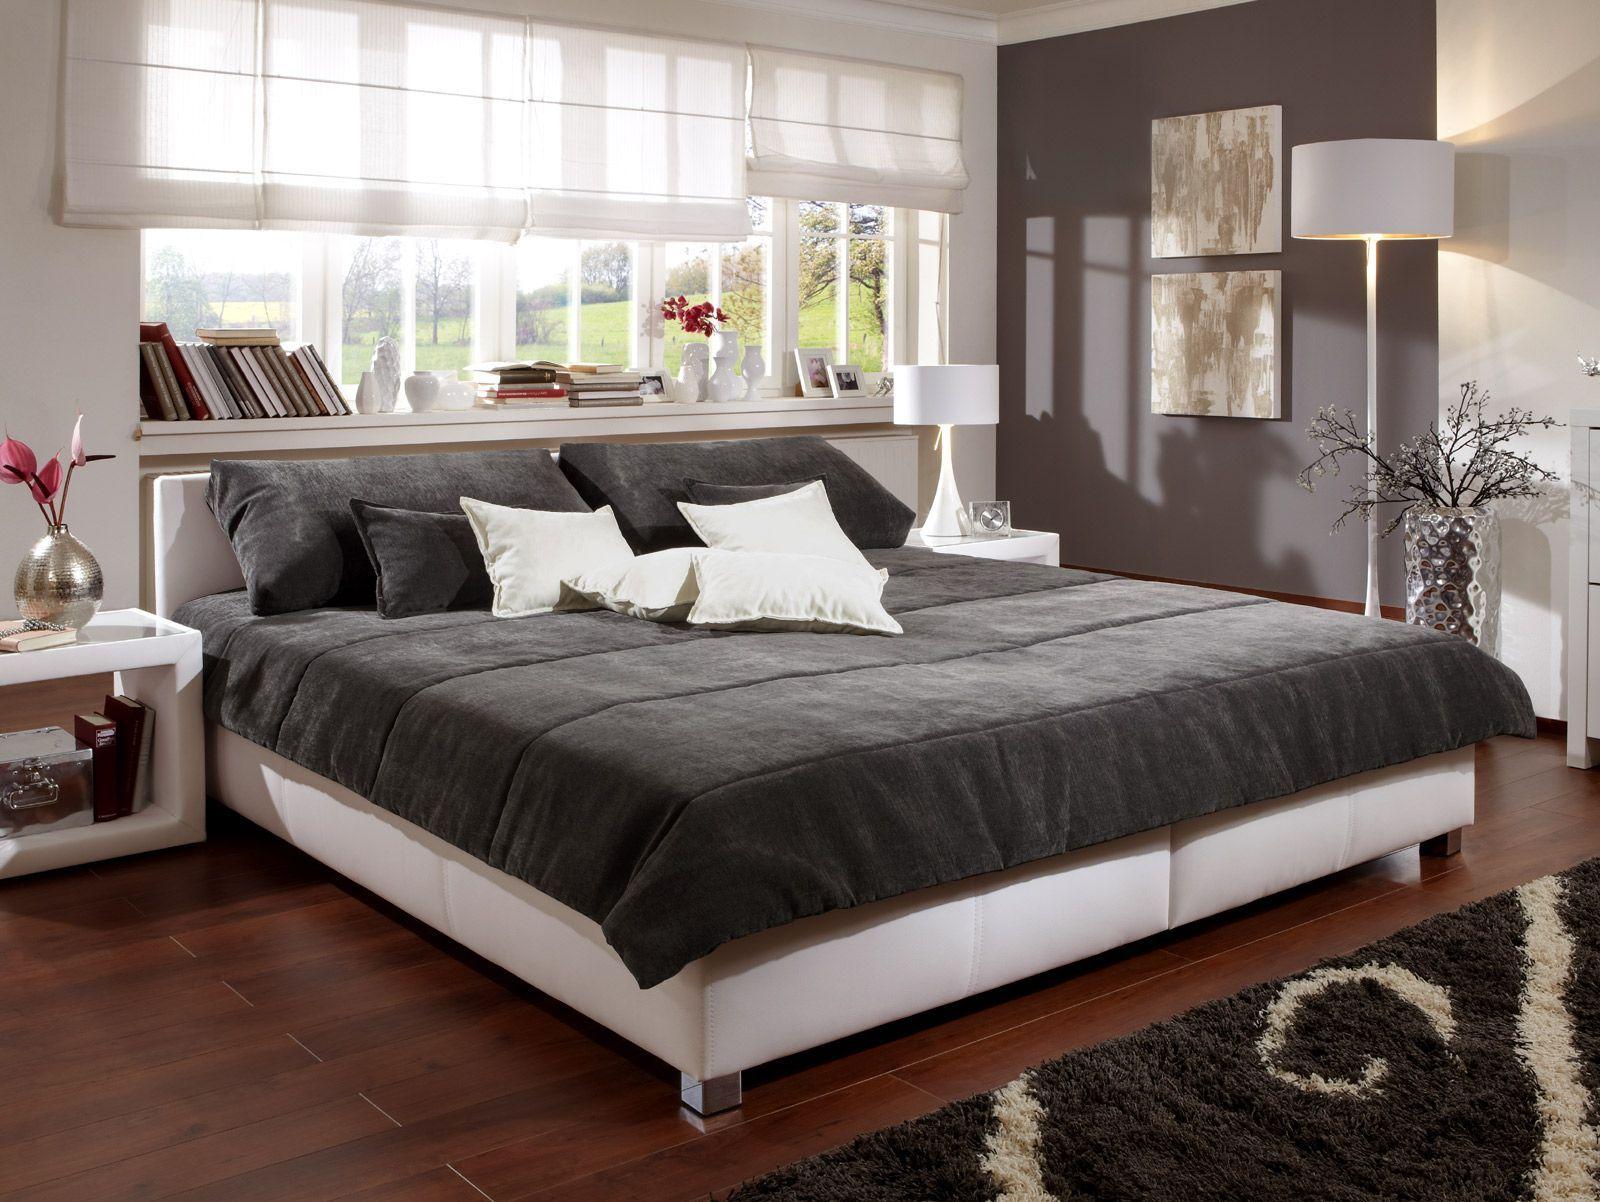 Polsterbett Für Ihr Schlafzimmer Z B In Weiß Amadeo